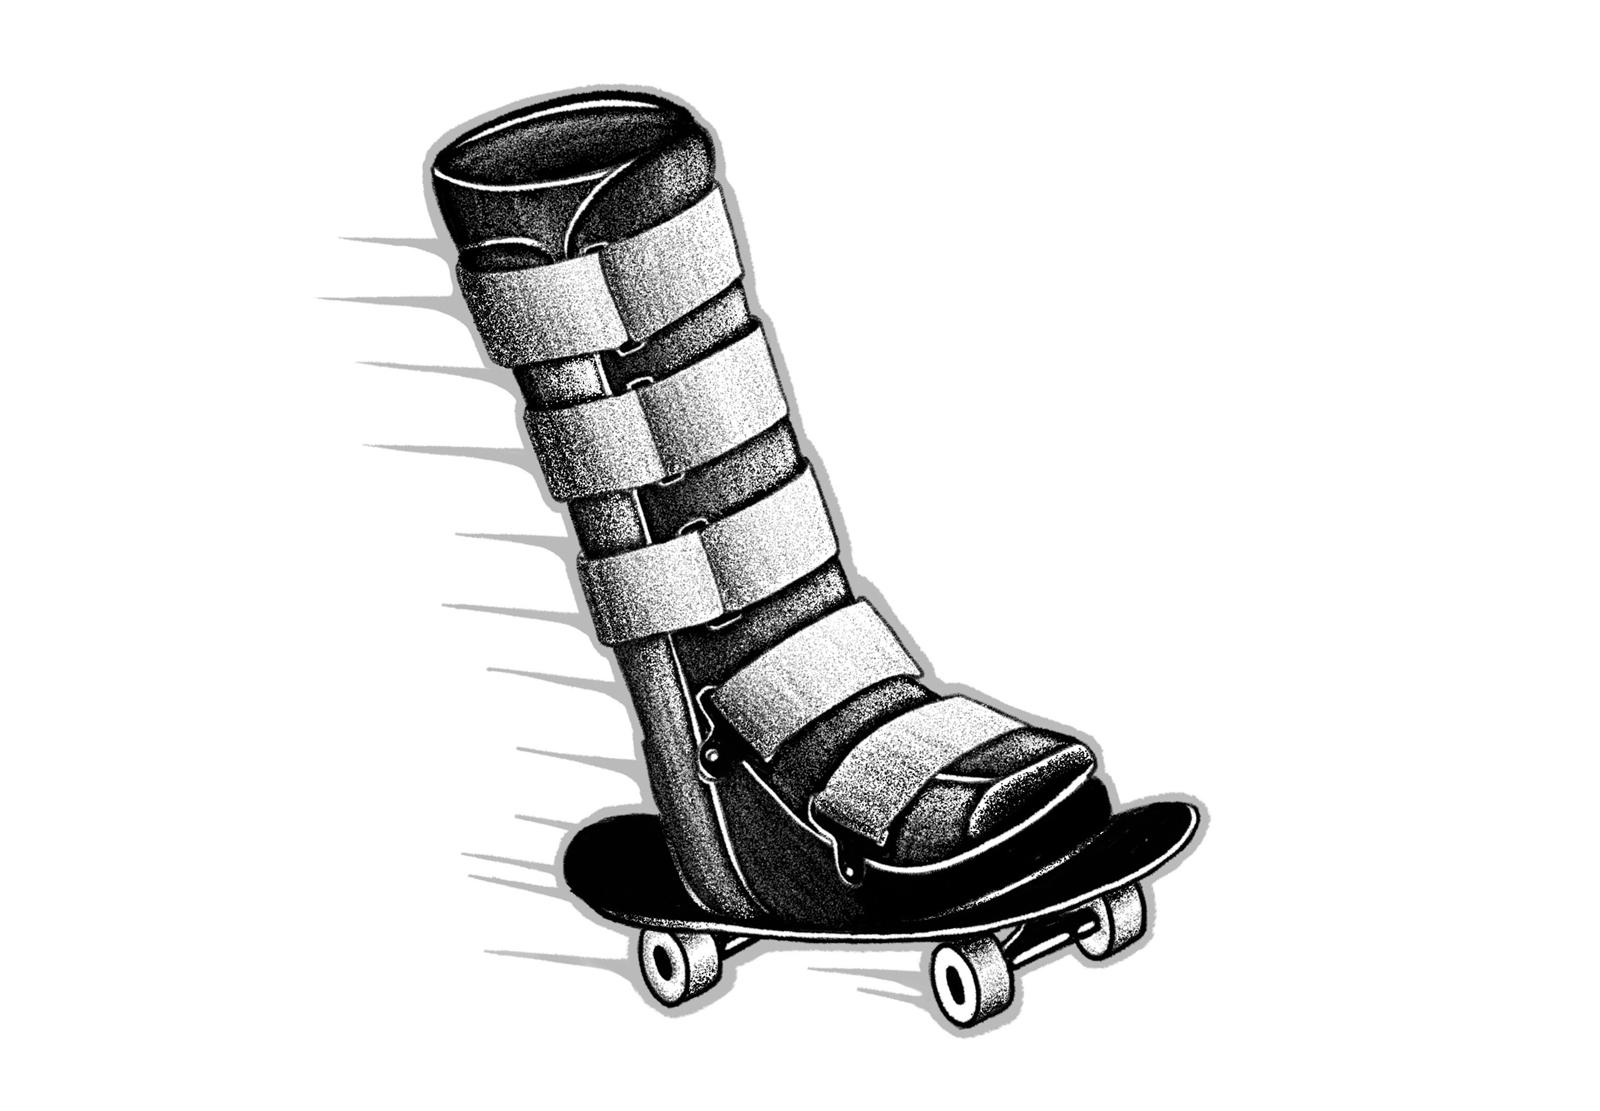 skateboot-1600px.jpg